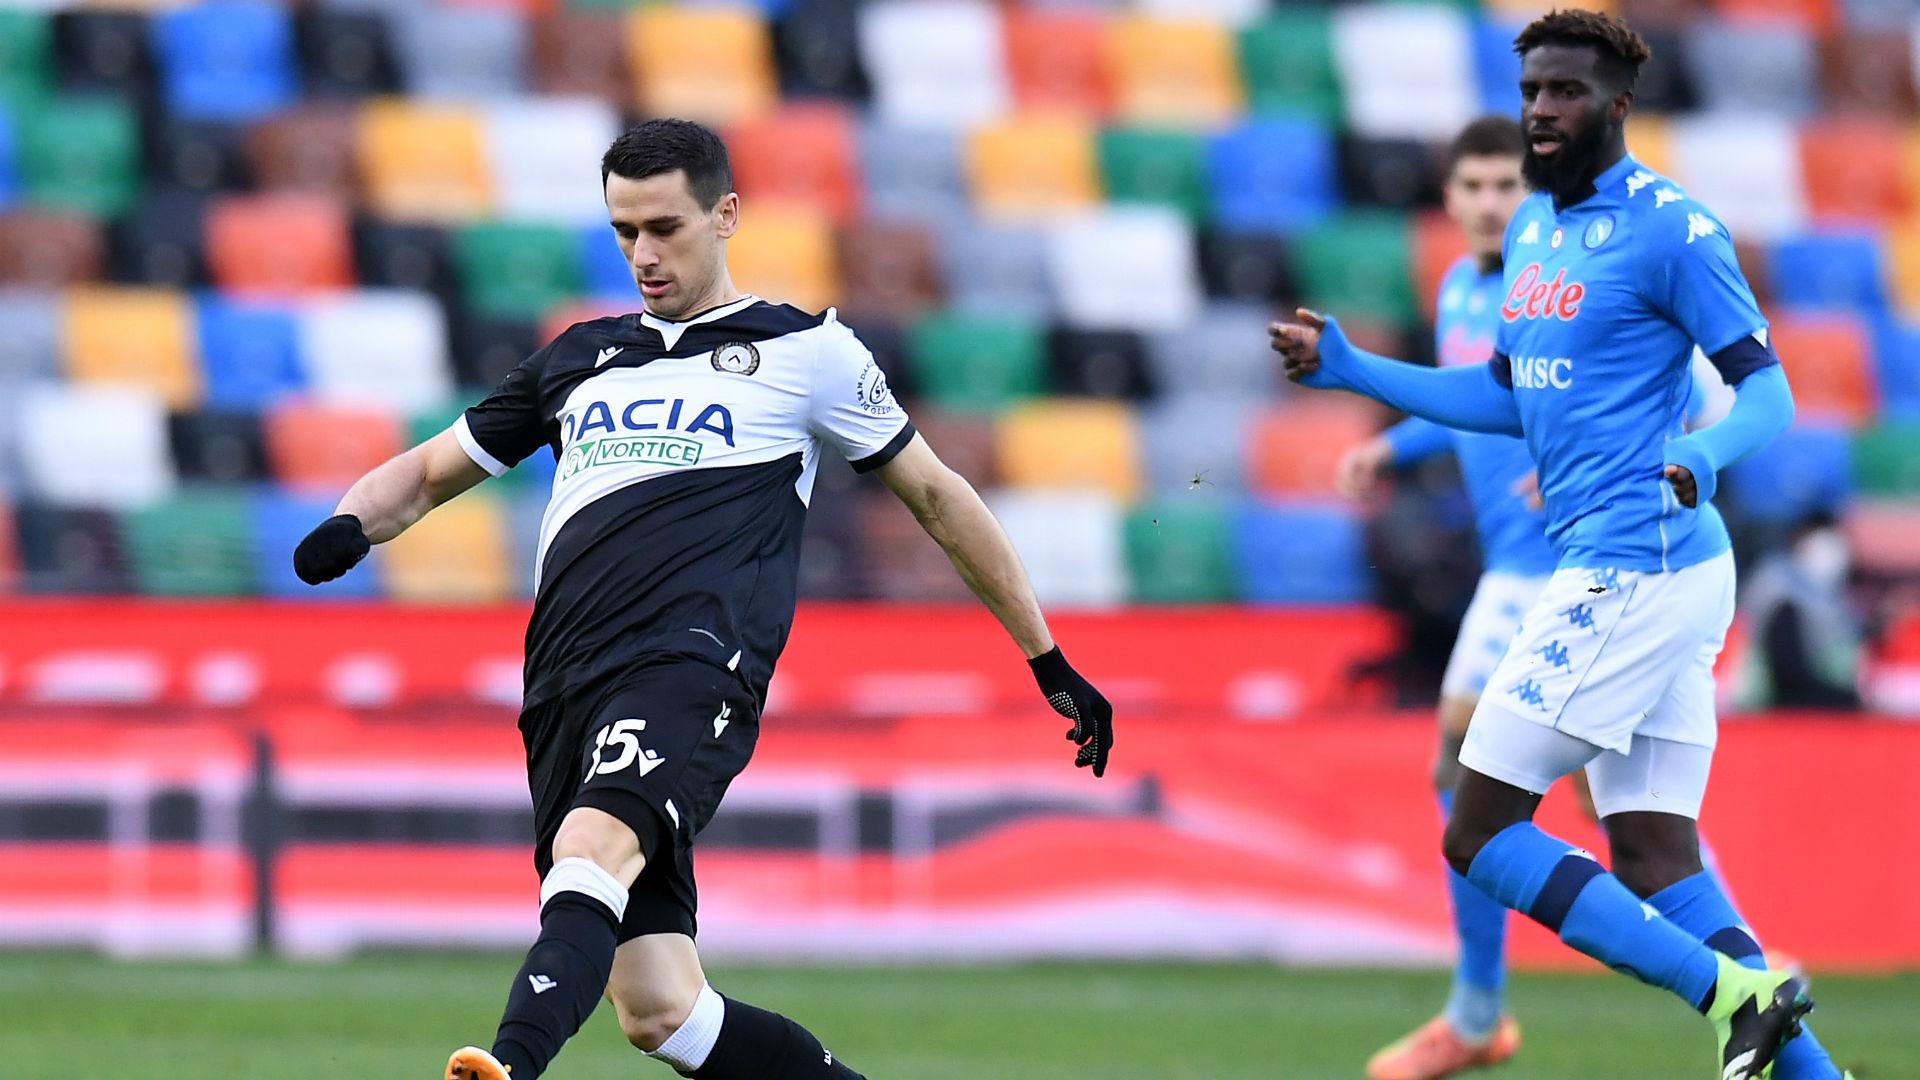 Udinese-Napoli 1-2: Bakayoko al 90′, gli azzurri si rialzano